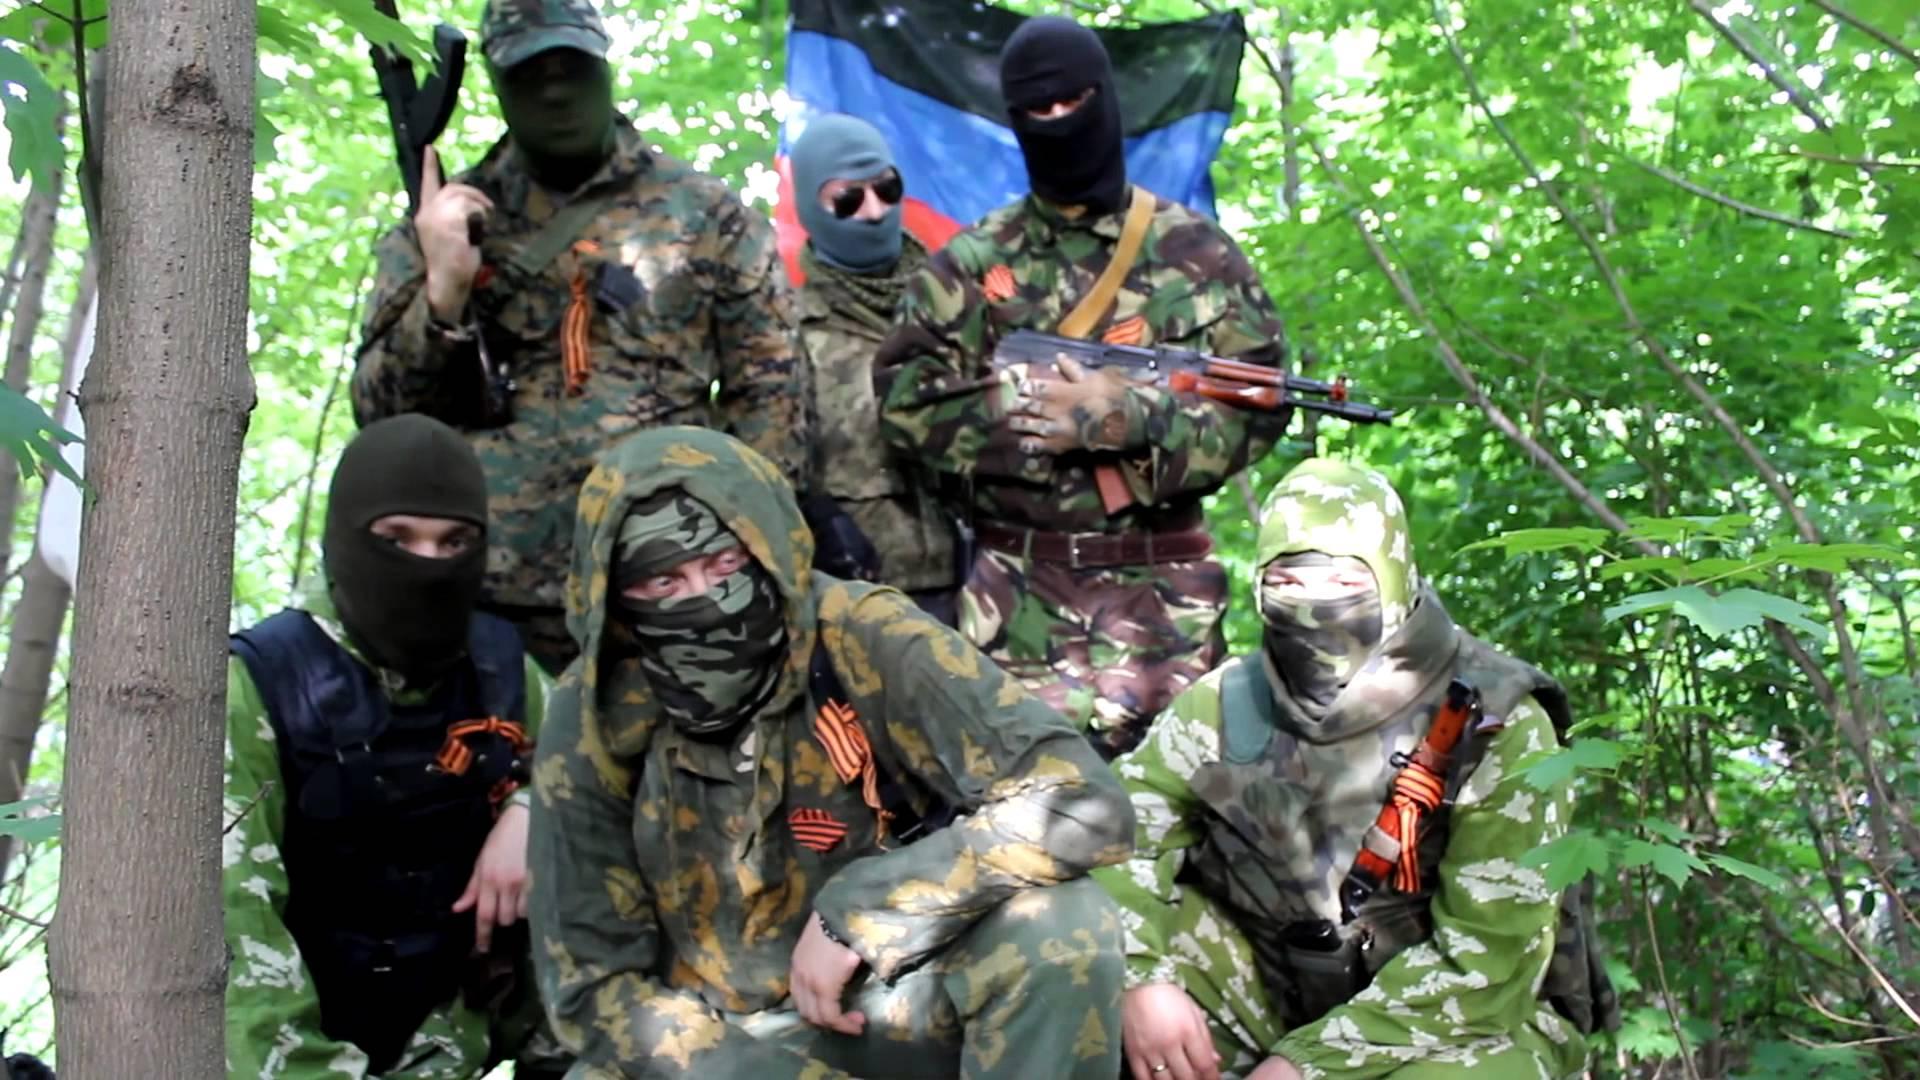 Подробности взрывов в Калиновке: задержаны диверсионные группы подрывников